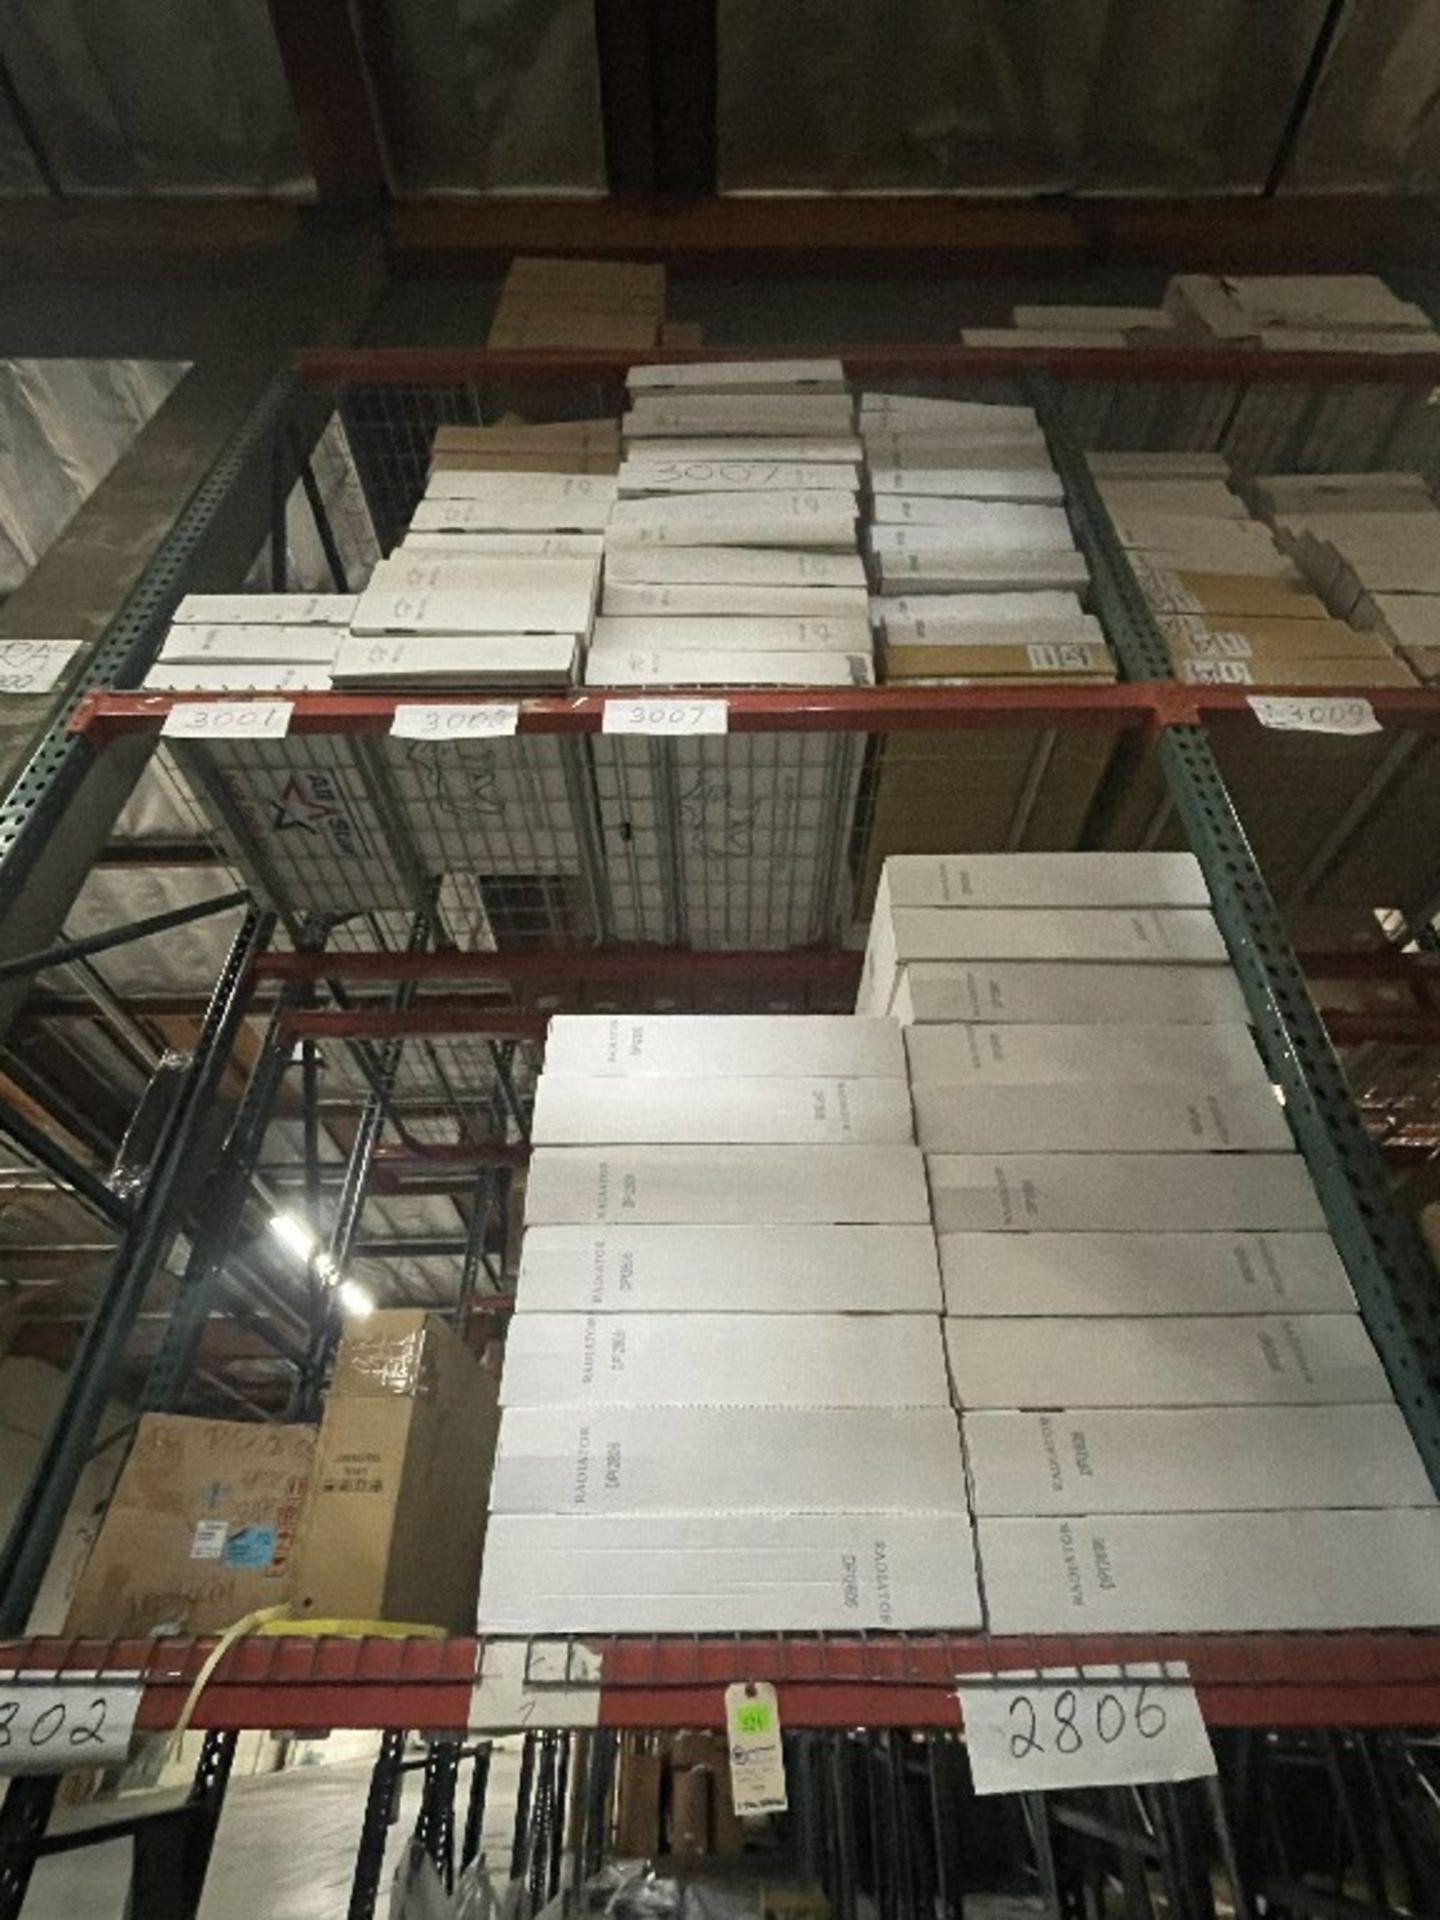 (ALL) ASST RADIATORS DPI-2806, 3001, 3002 & + - Image 2 of 2